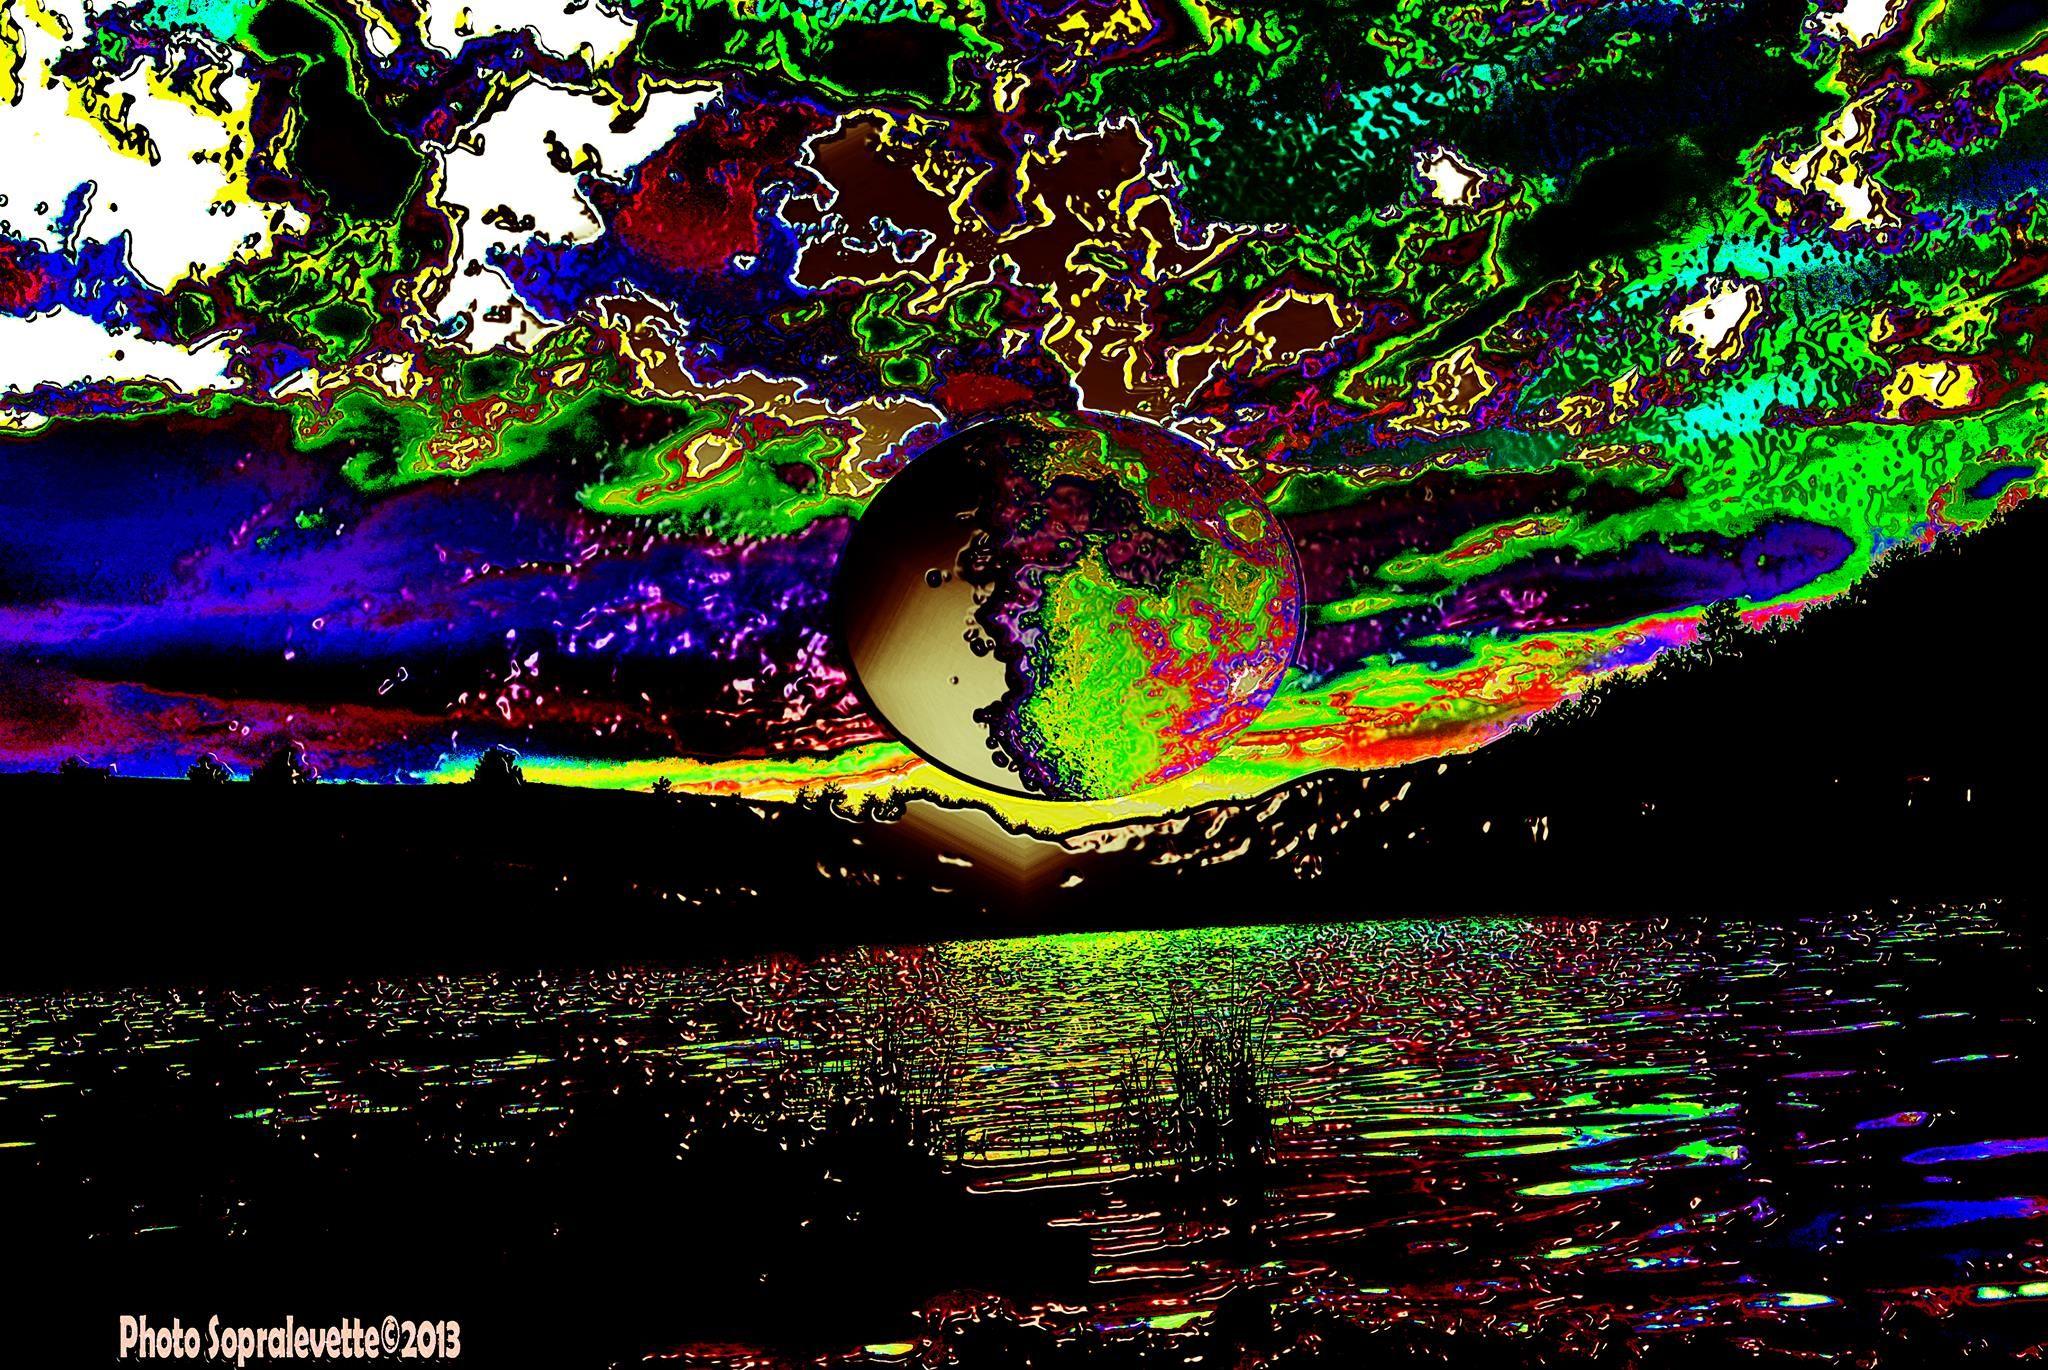 SOpralevette fractal land